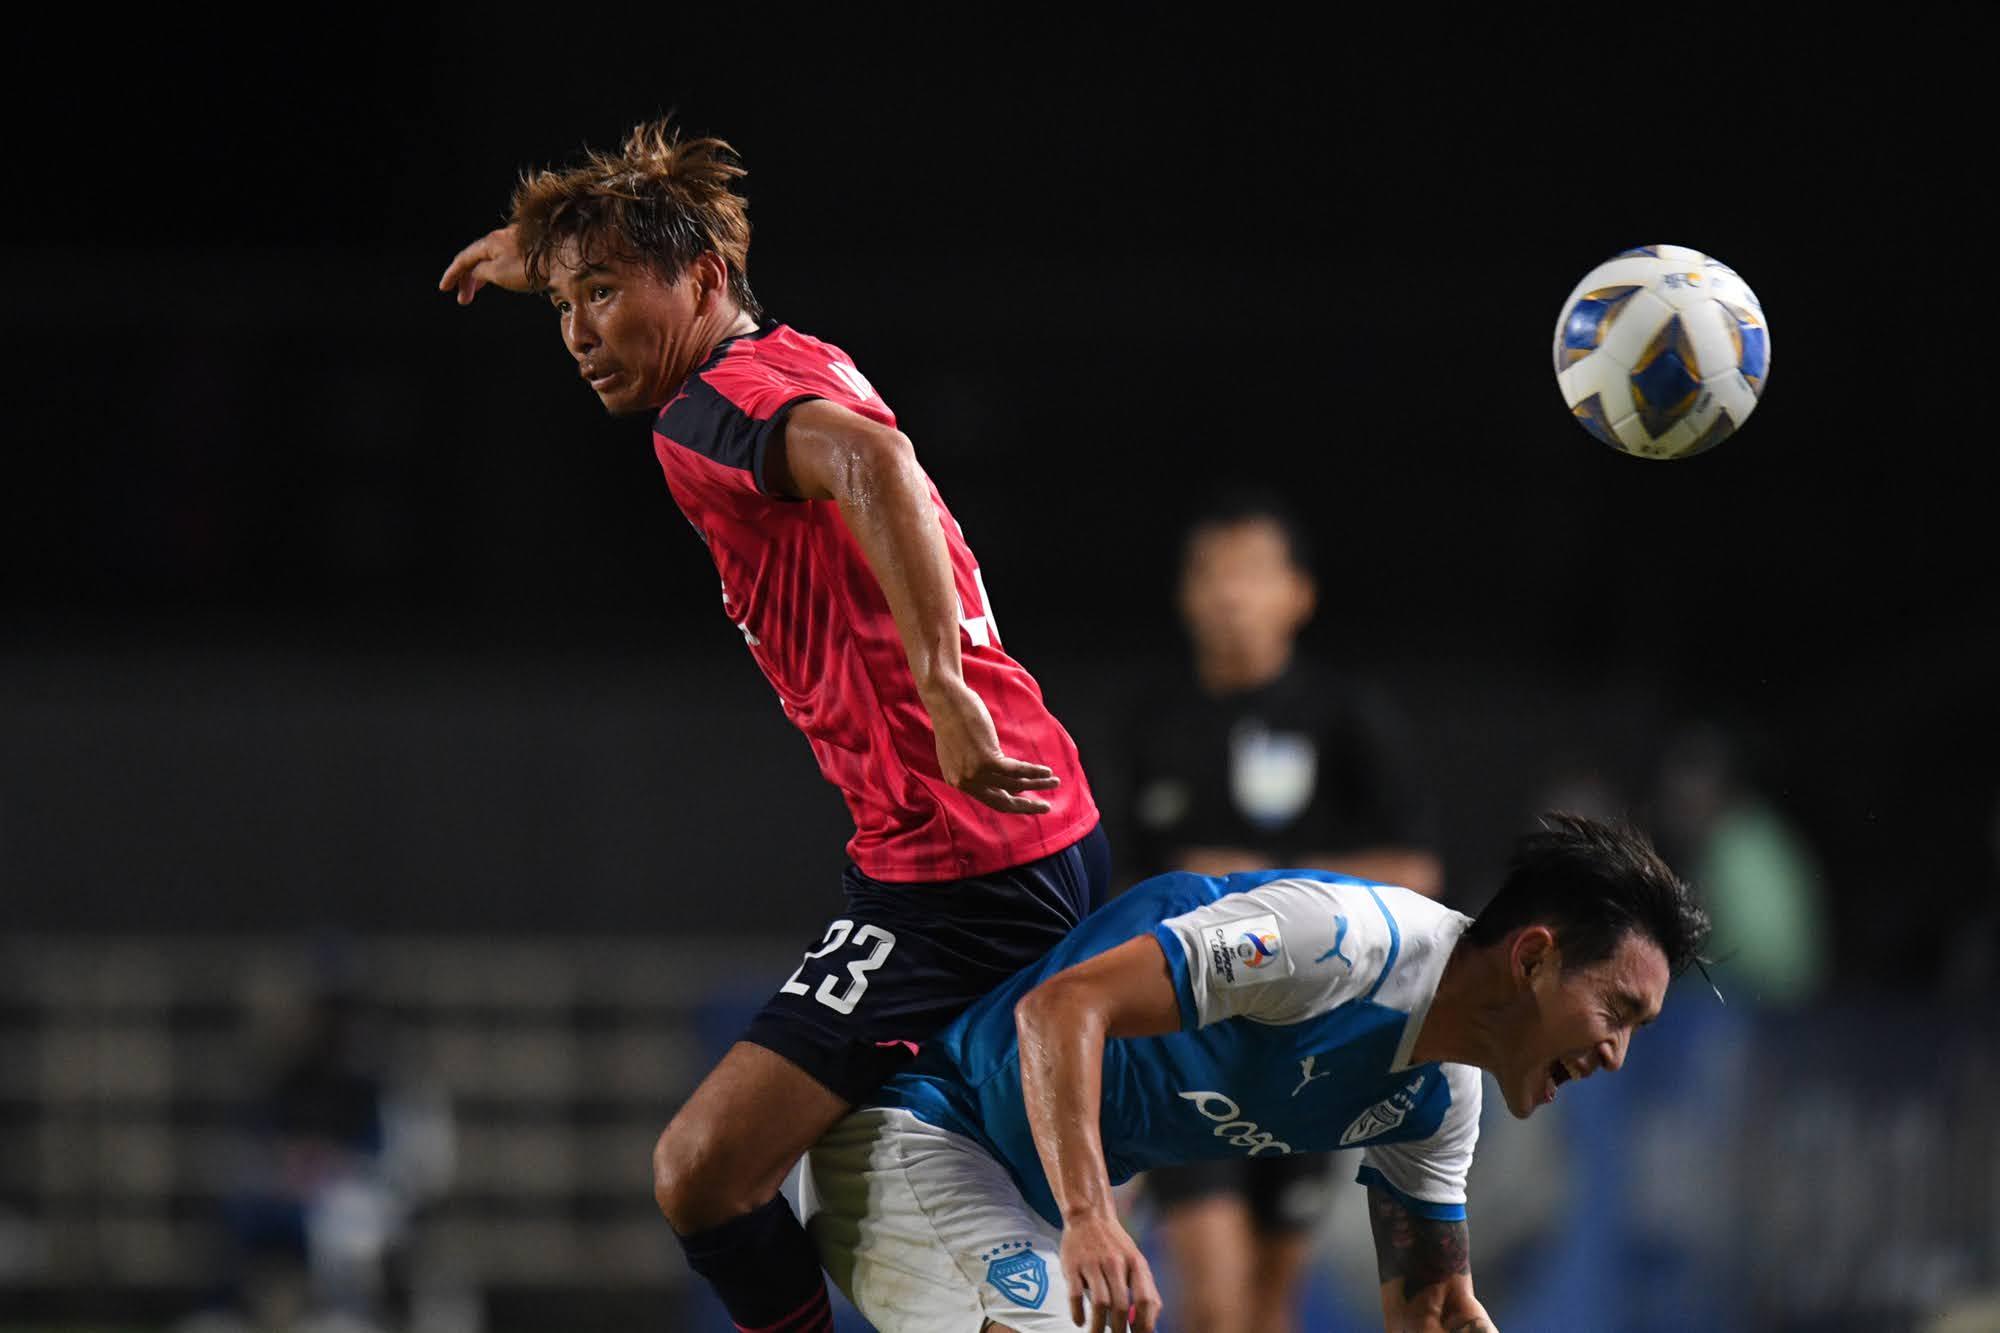 【C大阪】乾貴士が奮闘もACL16強で敗退。浦項に力負け